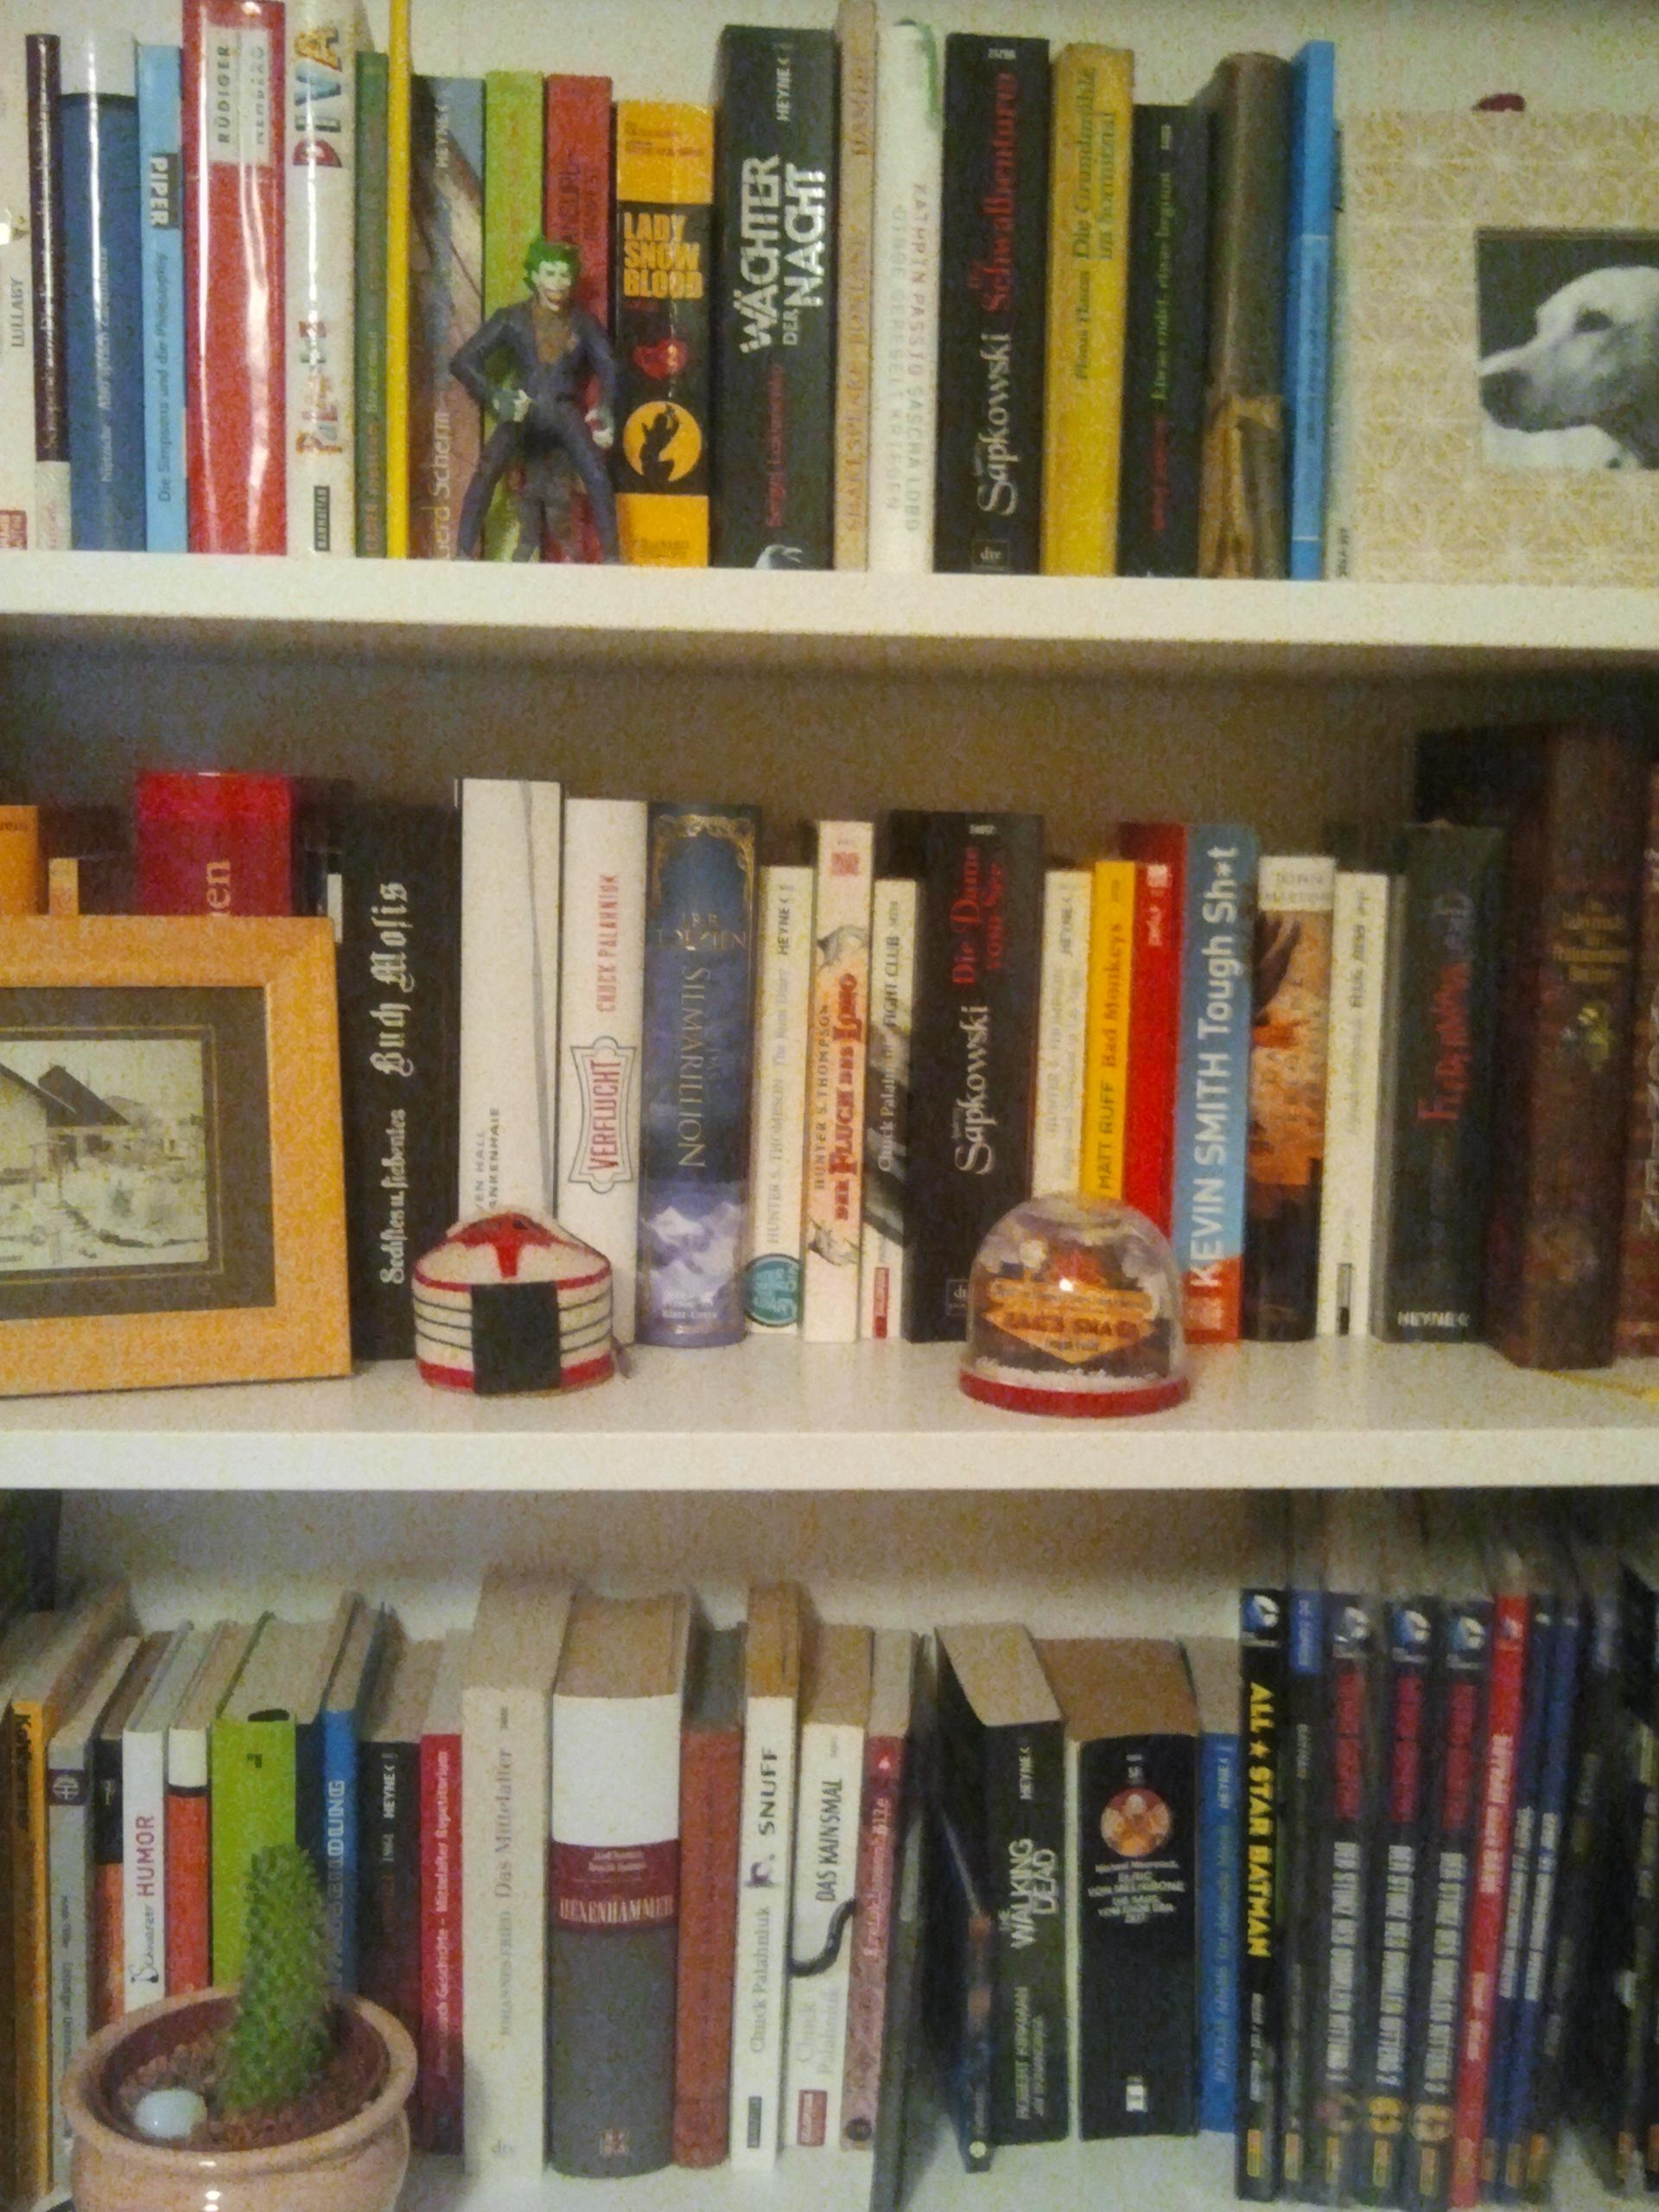 I libri consigliati da HerrFenrisWolf: <br />Hunter S. Thompson - Paura e disgusto a Las Vegas, <br />Chuck Palahniuk - Survivor, <br />Walter Moers - Rumo e i prodigi nell'oscurità.